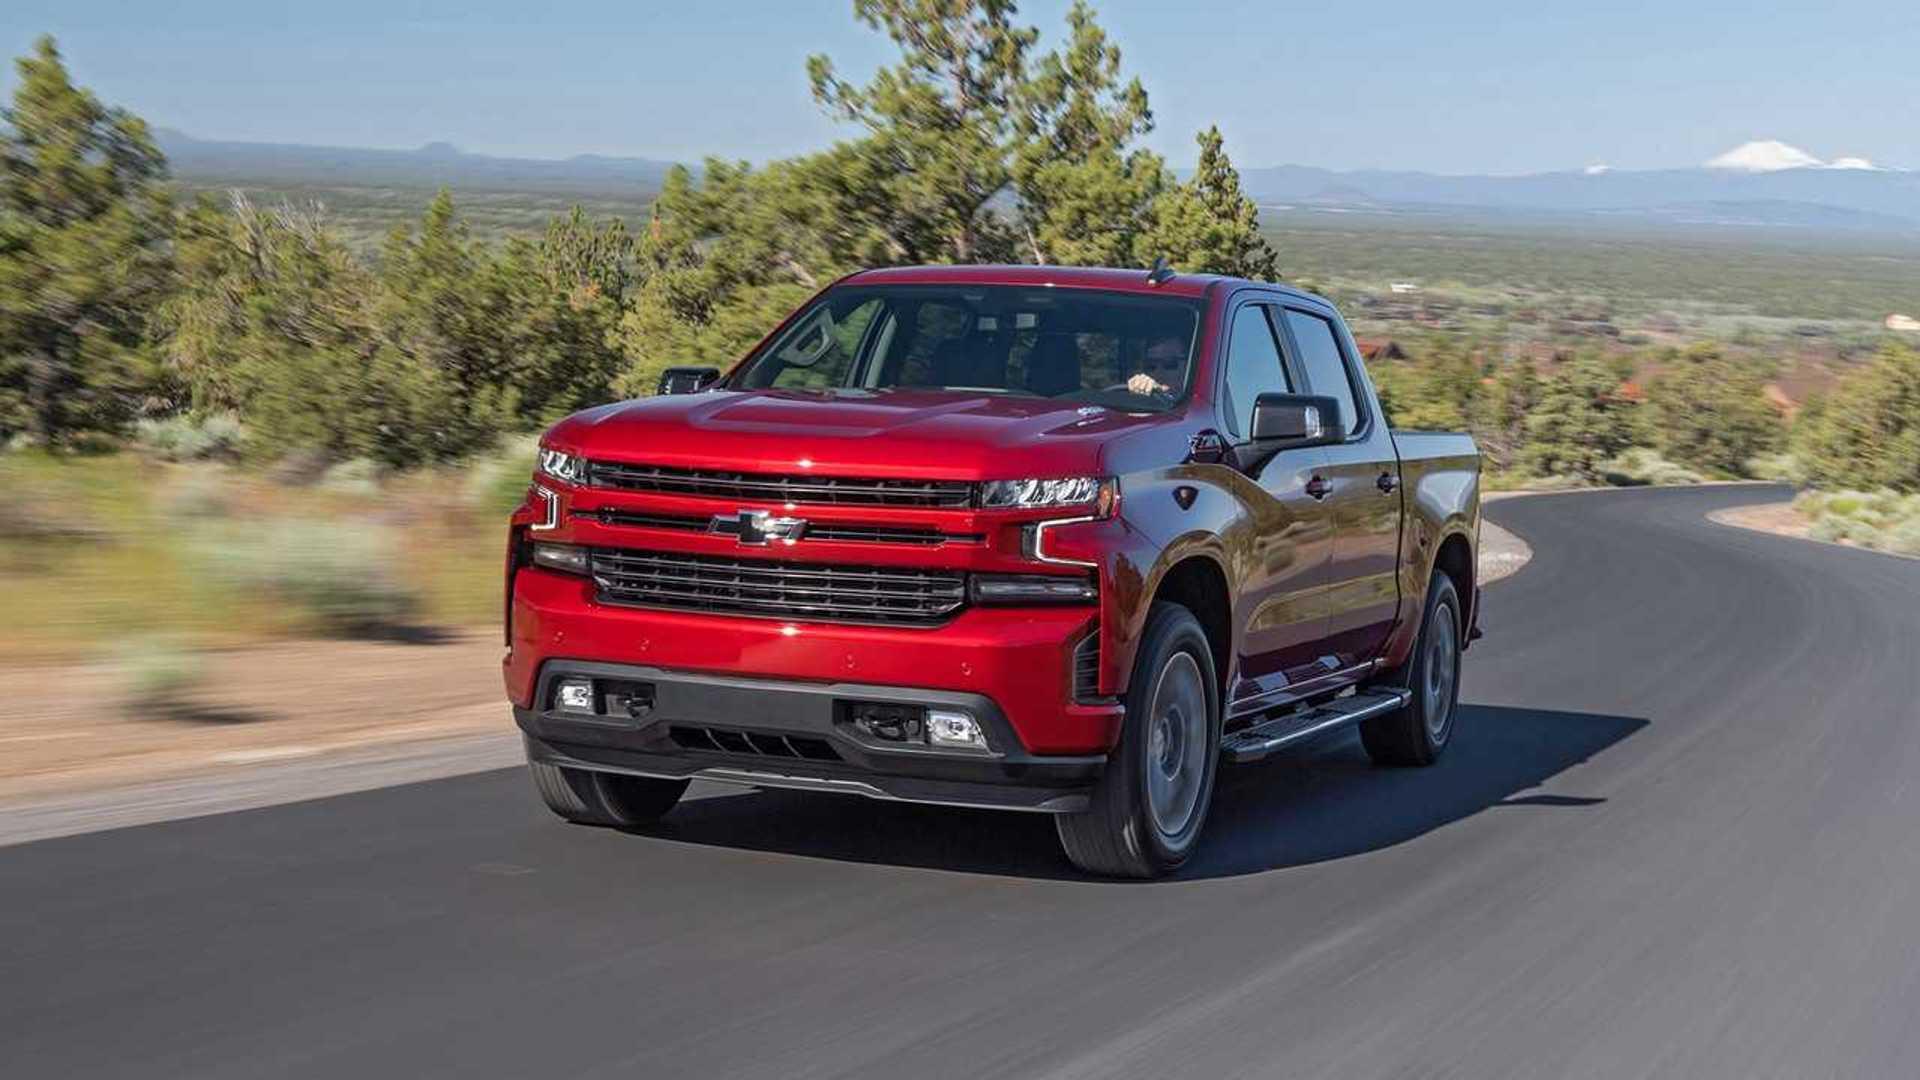 2020 Chevrolet Silverado 1500 Diesel First Drive: An Easy Choice